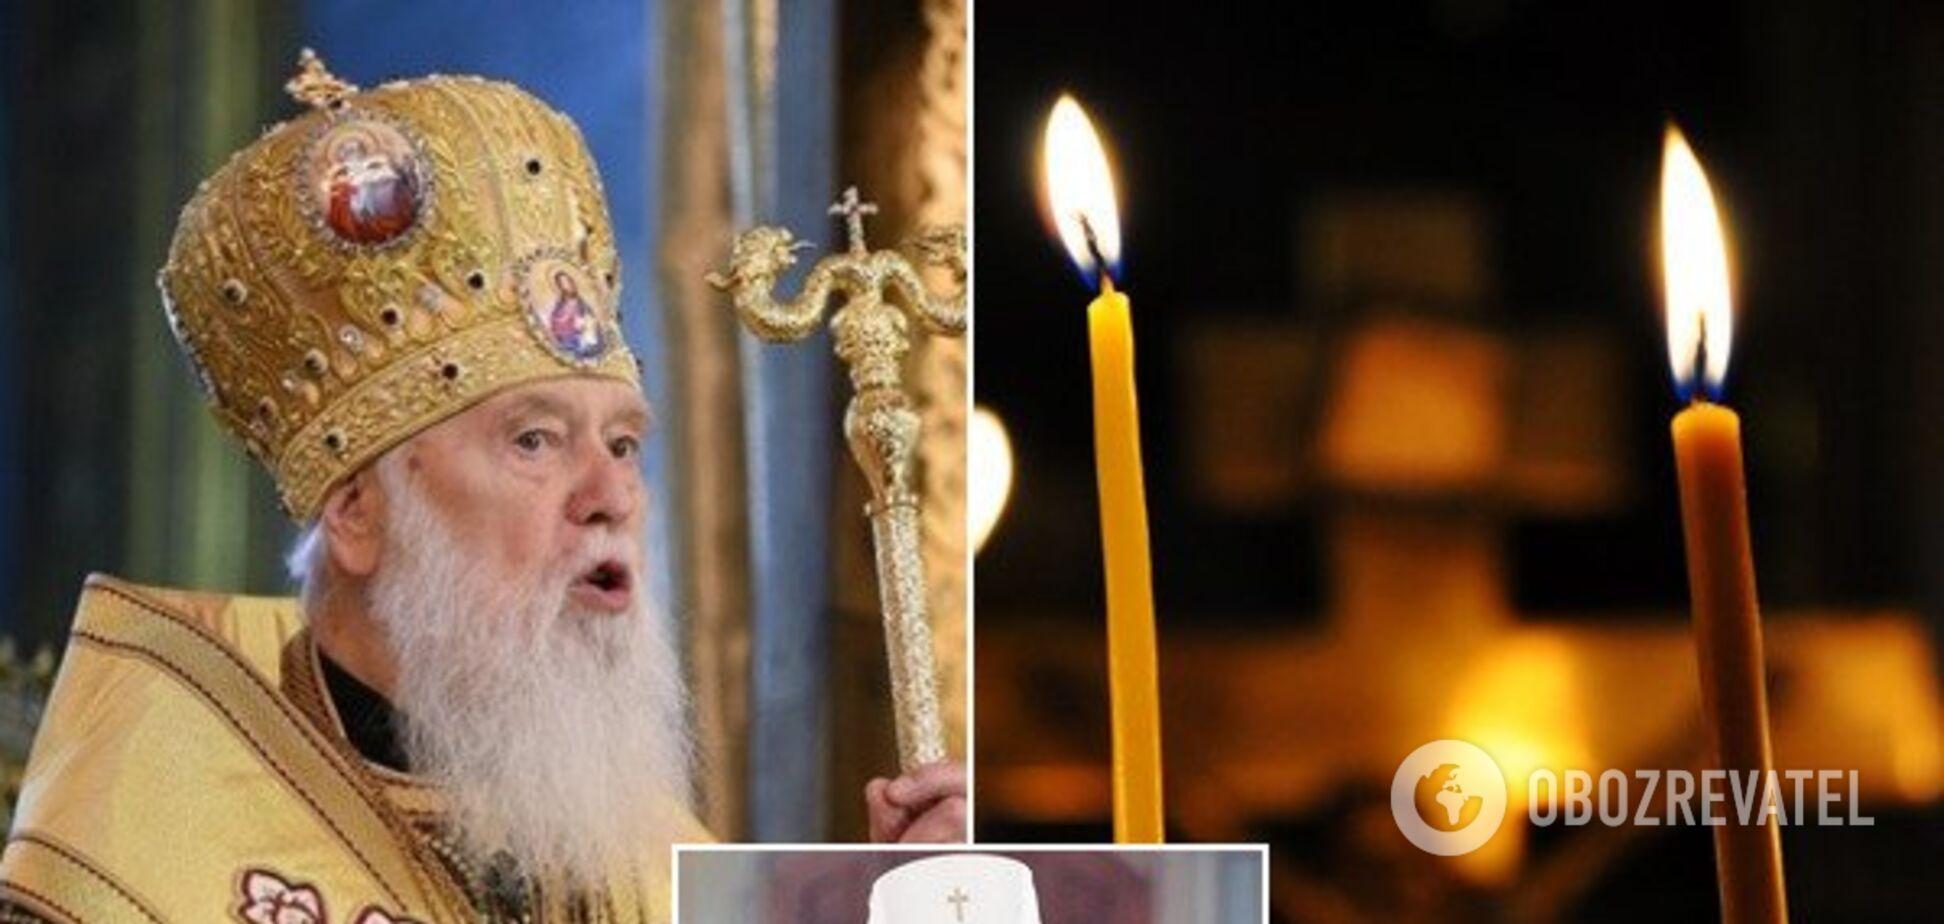 Ворог уміло зіграв на амбіціях Філарета — капелан Мединський